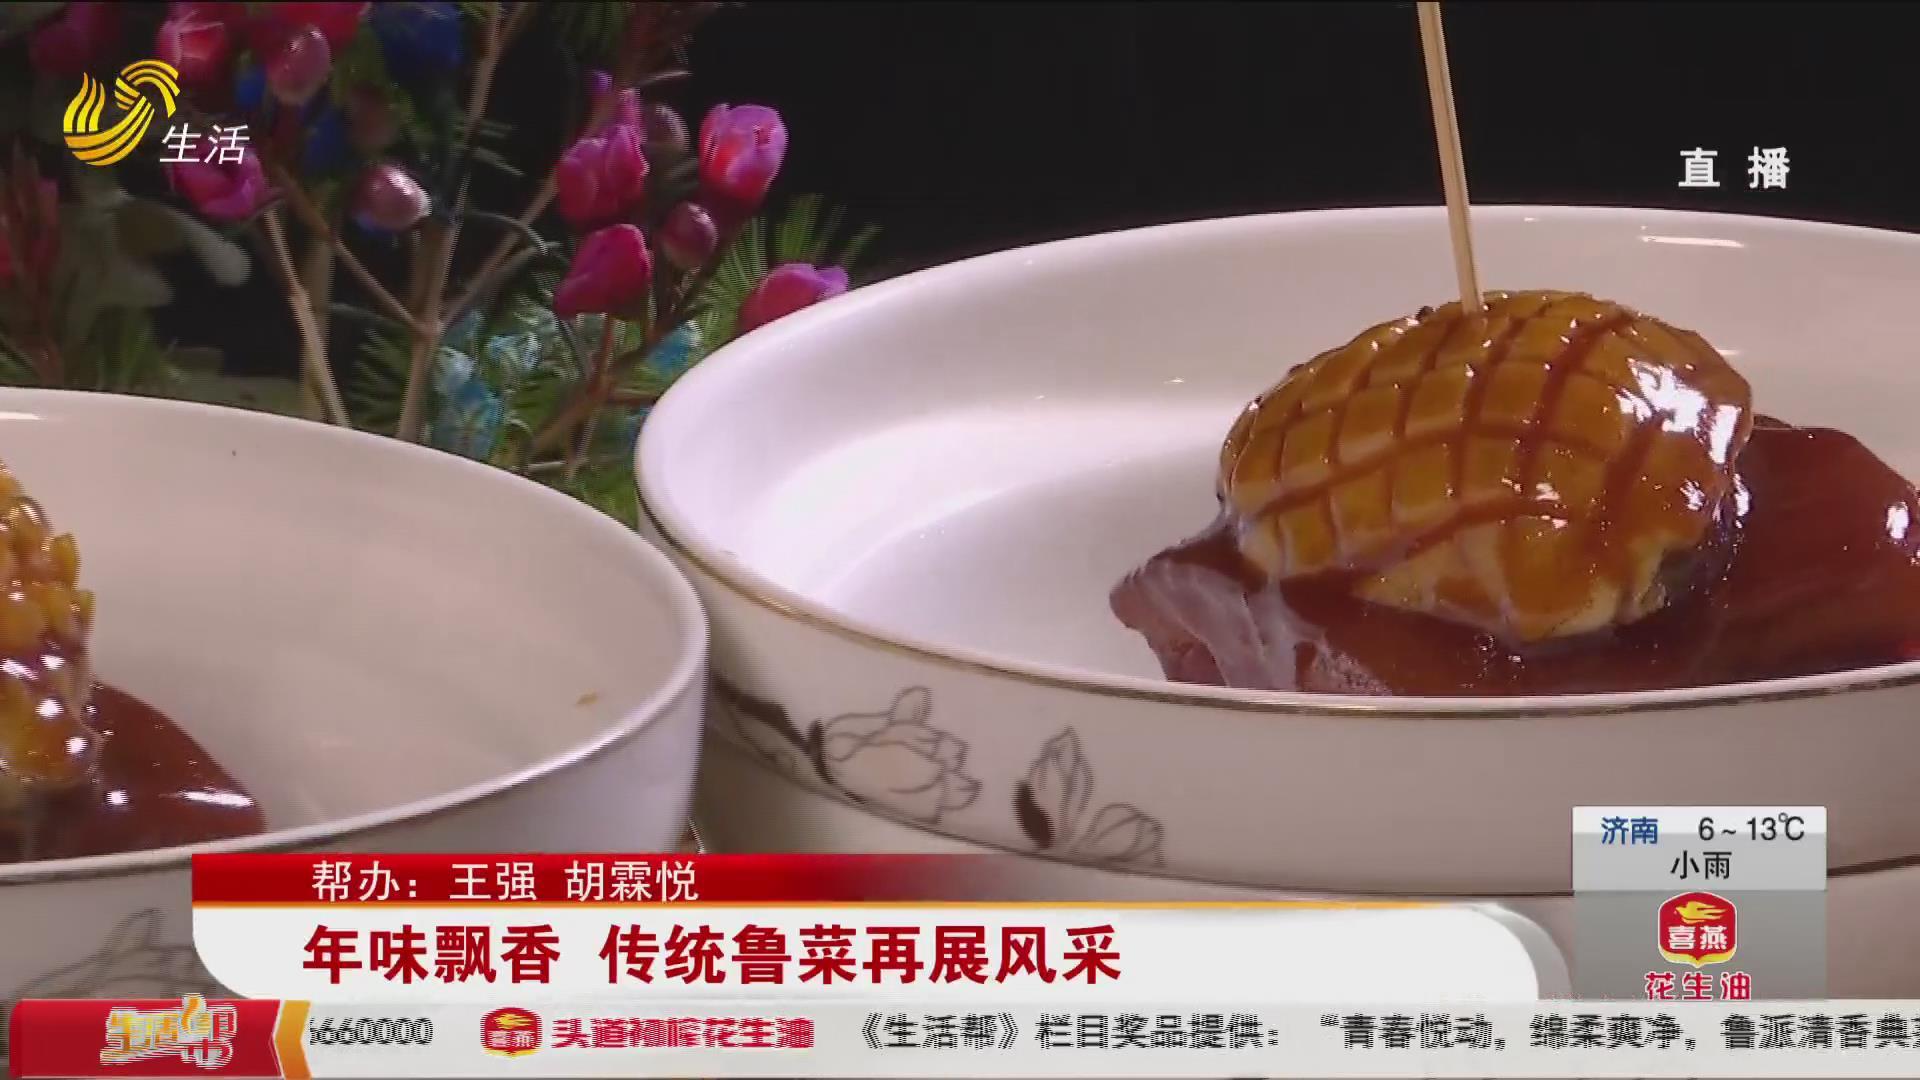 年味飘香 传统鲁菜再展风采